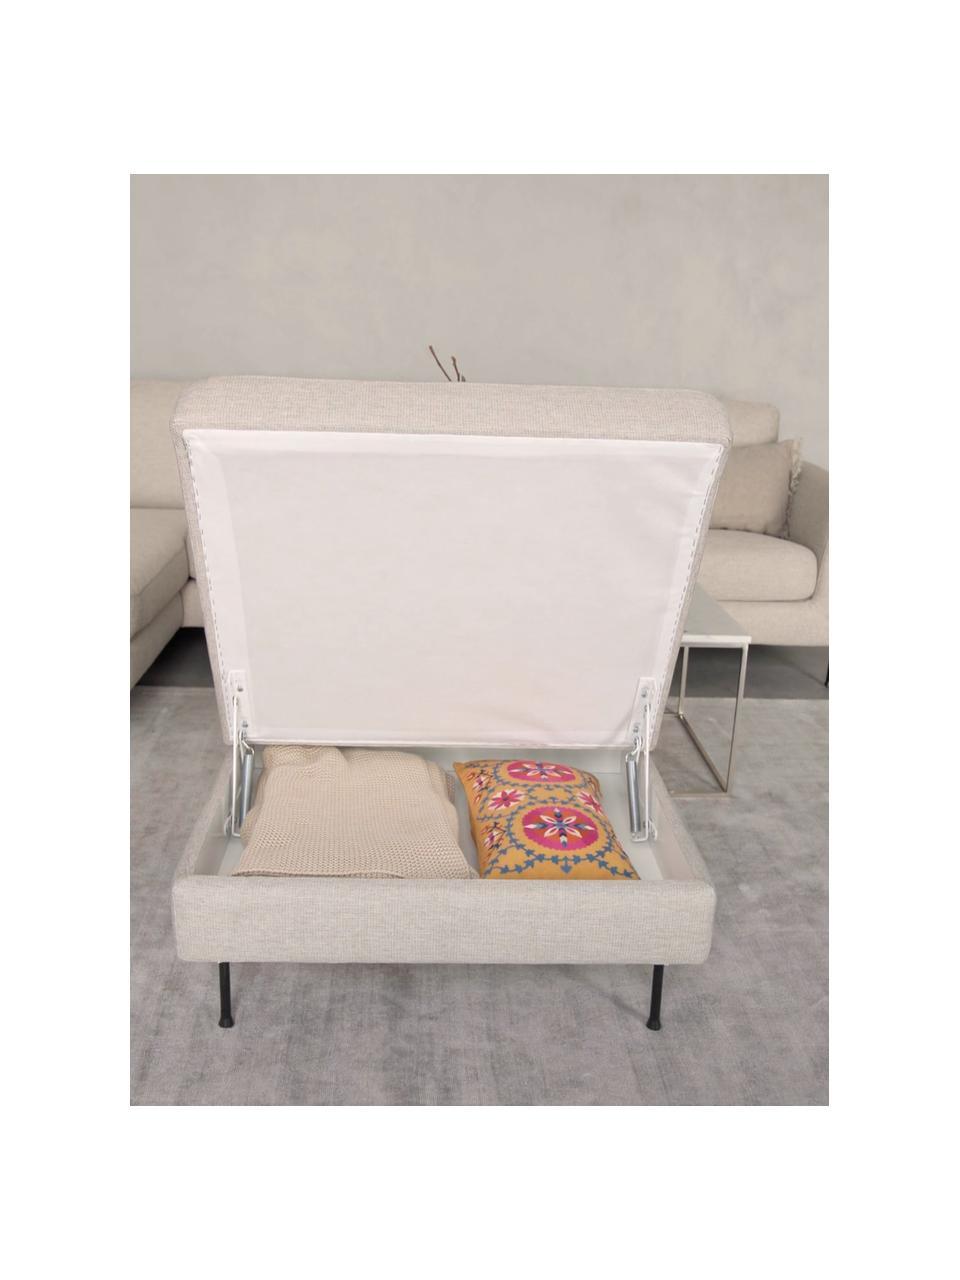 Voetenbank Cucita in beige met opbergruimte, Bekleding: geweven stof (polyester), Frame: massief grenenhout, Poten: gelakt metaal, Beige, 75 x 46 cm